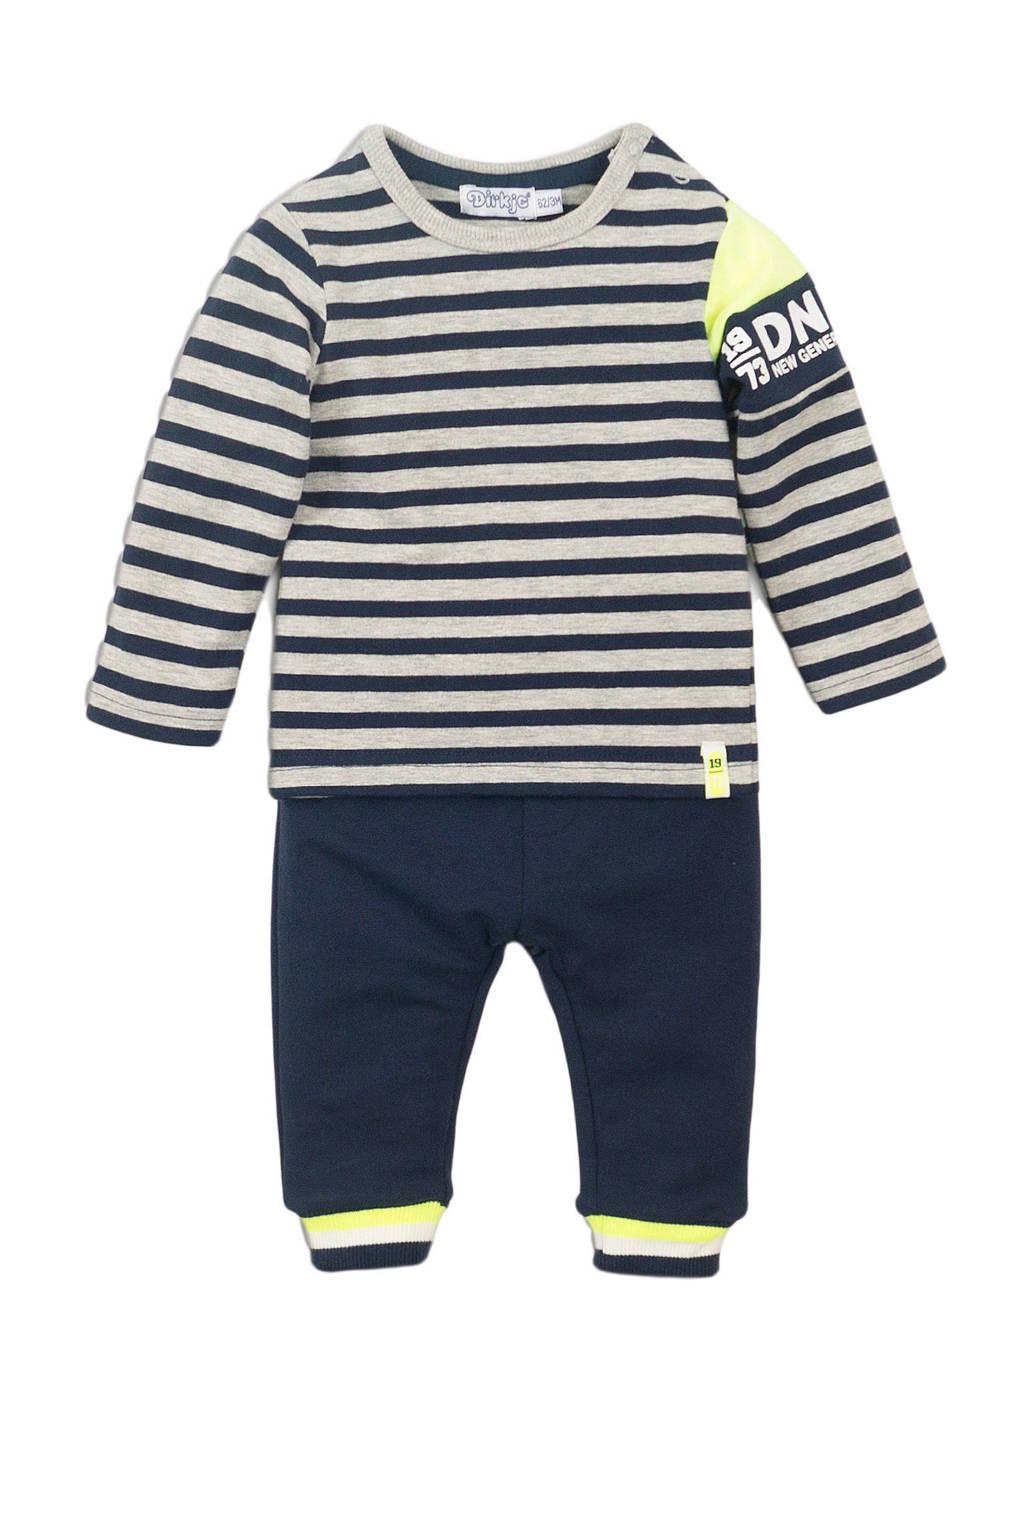 Dirkje Longsleeve + broek - set van 2 donkerblauw/grijs melange/neon geel, Donkerblauw/grijs melange/neon geel